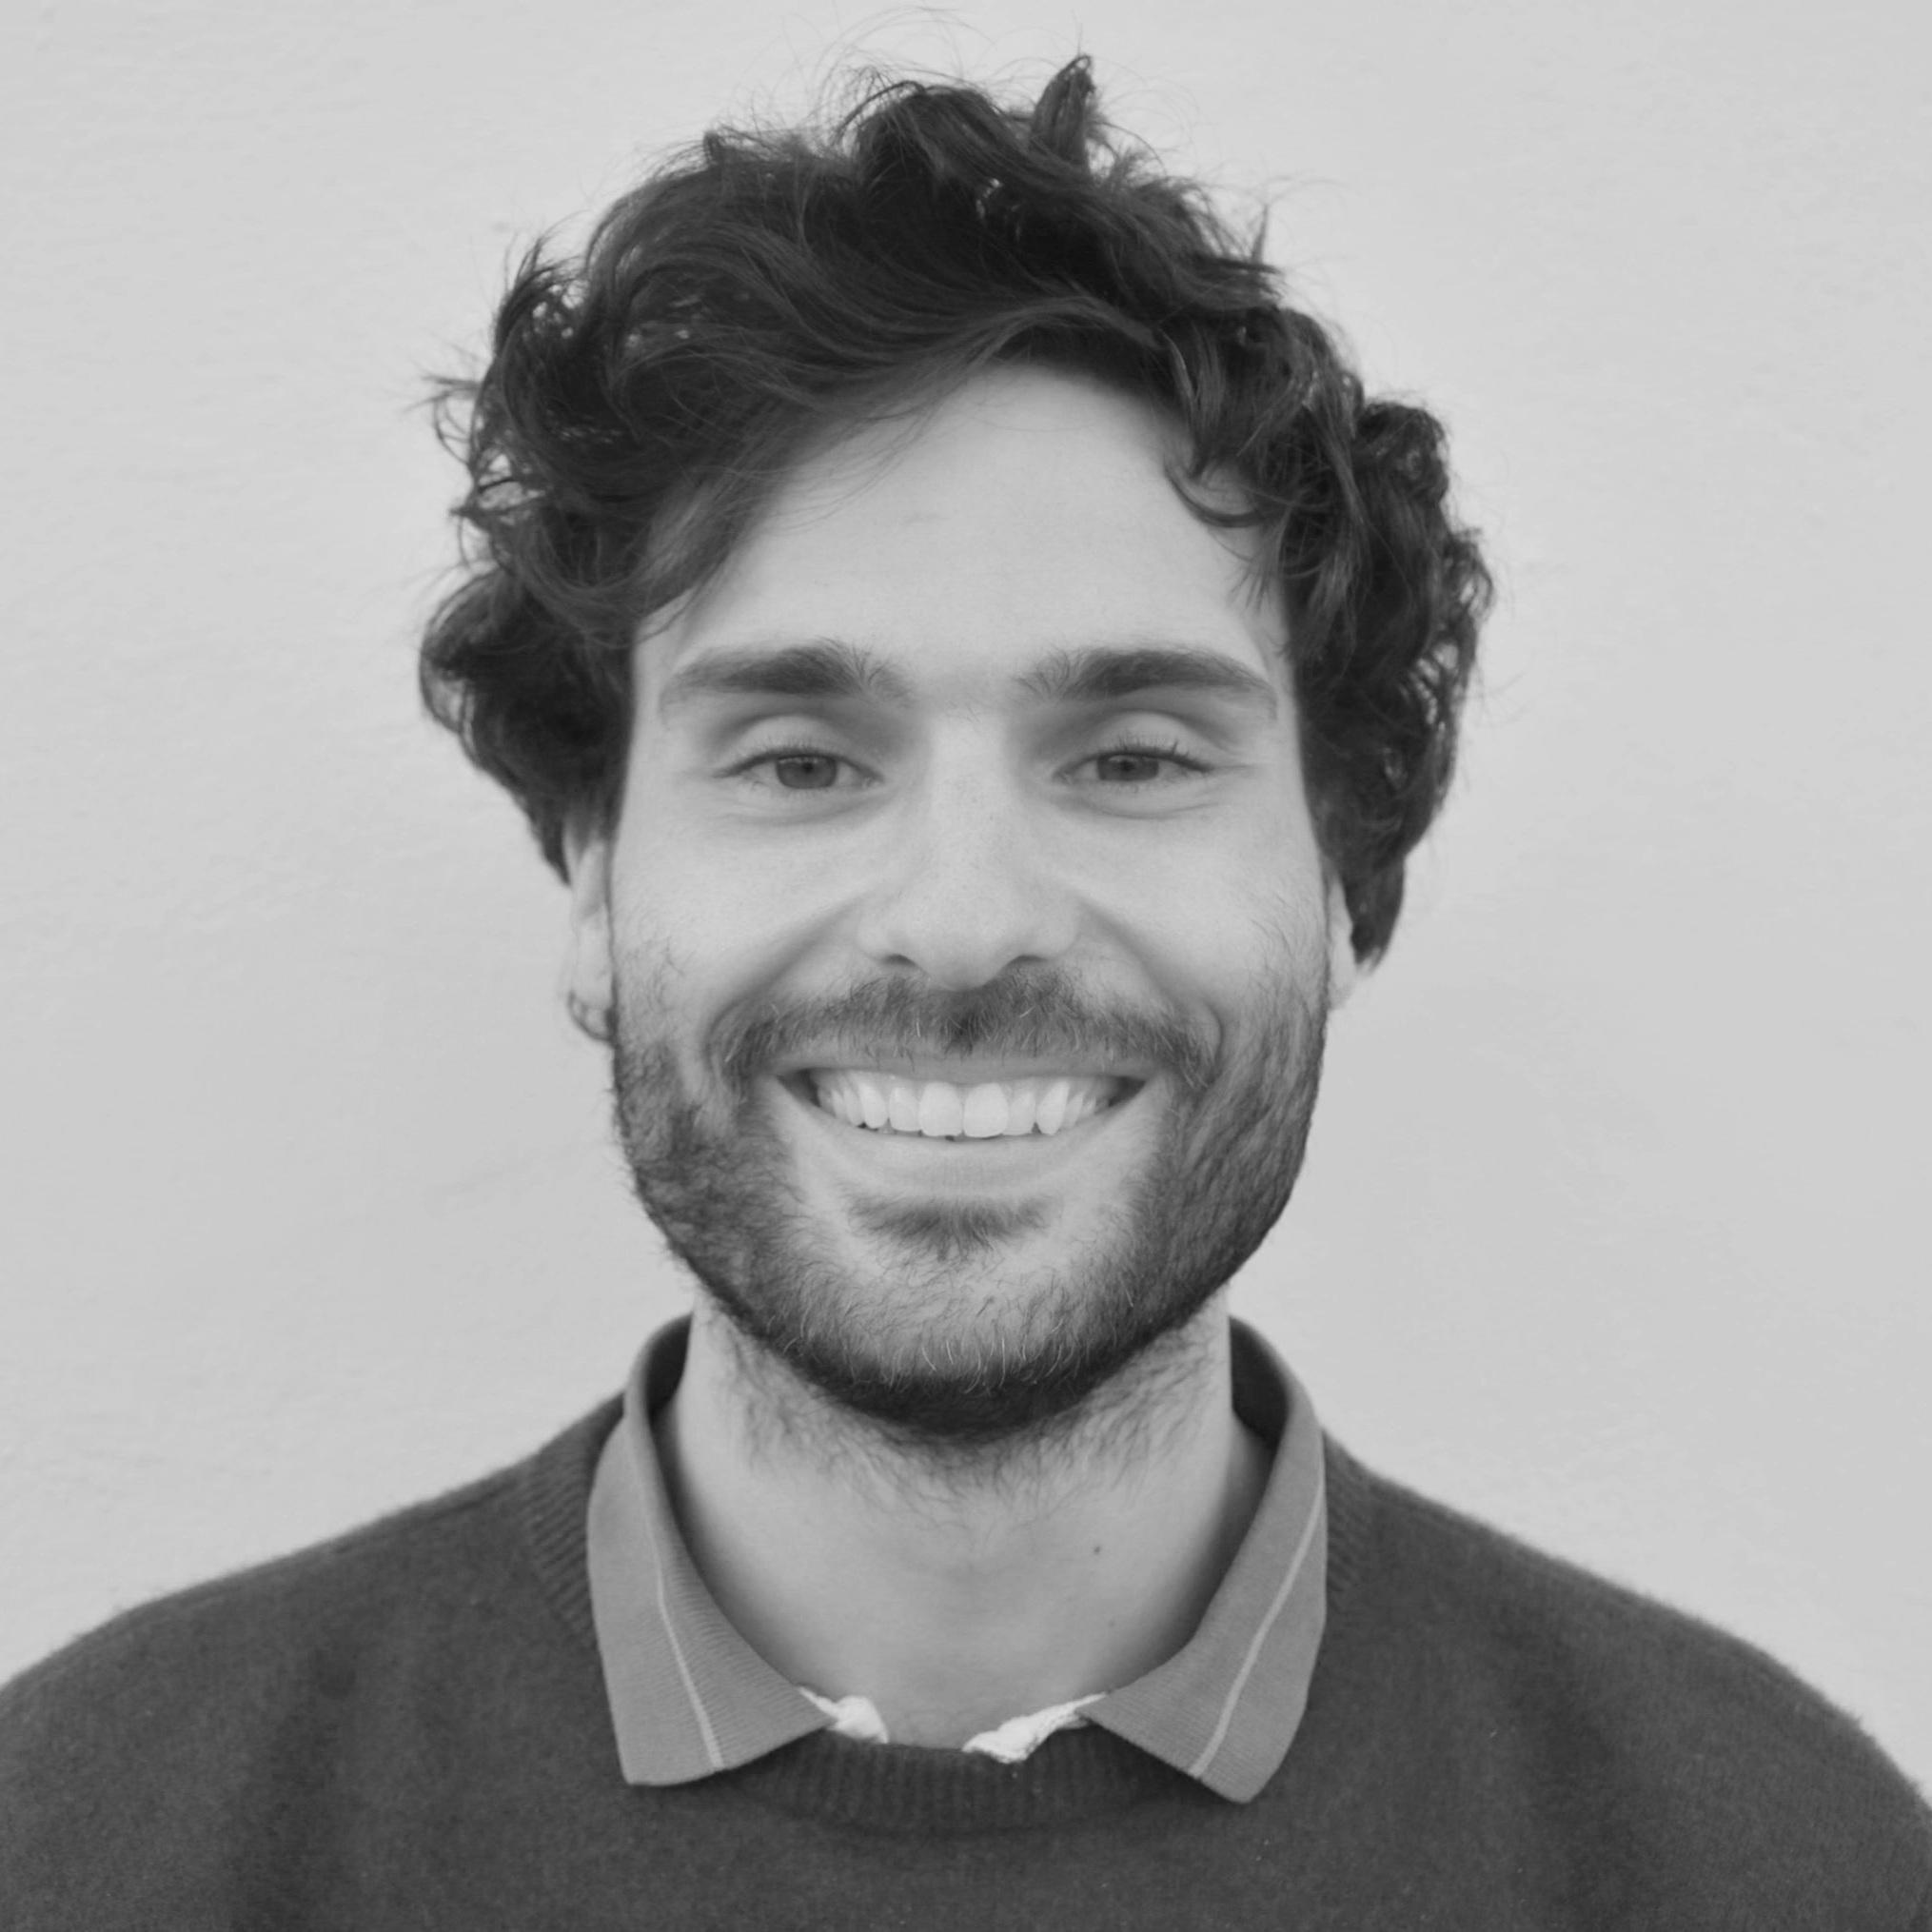 Theo Di Castri   Theo es el director fundador de Catalizador. Un graduado del Colegio del Mundo Unido Mahindra de la India, tiene una licenciatura en Neurociencia y Literatura Comparada en la Universidad de Columbia y una maestría en Historia y Filosofía de la Ciencia en la Universidad de Cambridge. Sus intereses incluyen la investigación enfocada en la interacción entre la psiquiatría, las neurociencias, las políticas de drogas y la historia del placer. Theo ha trabajado como facilitador para un programa de radio para jóvenes y como educador en un programa de horario postescolar en Nueva York. Actualmente, radica en la Ciudad de México.